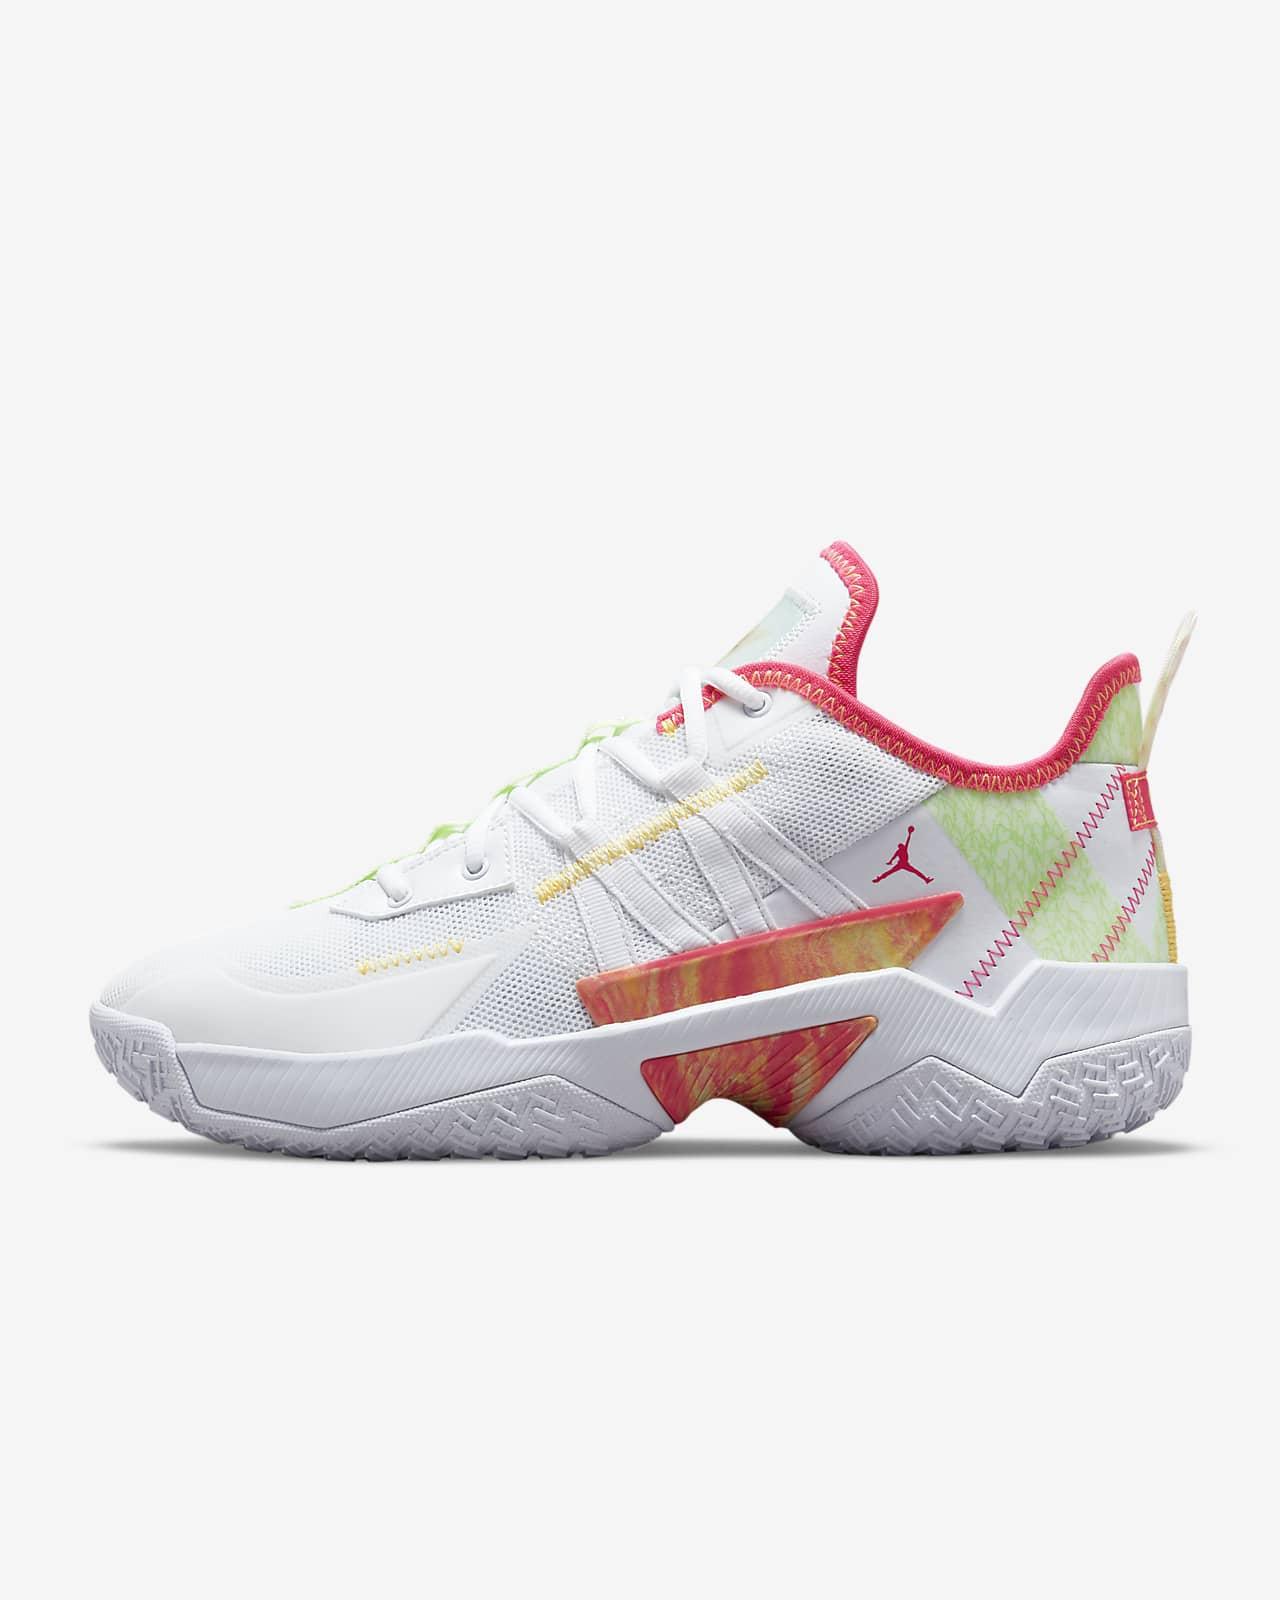 Jordan One Take 2 PF 籃球鞋